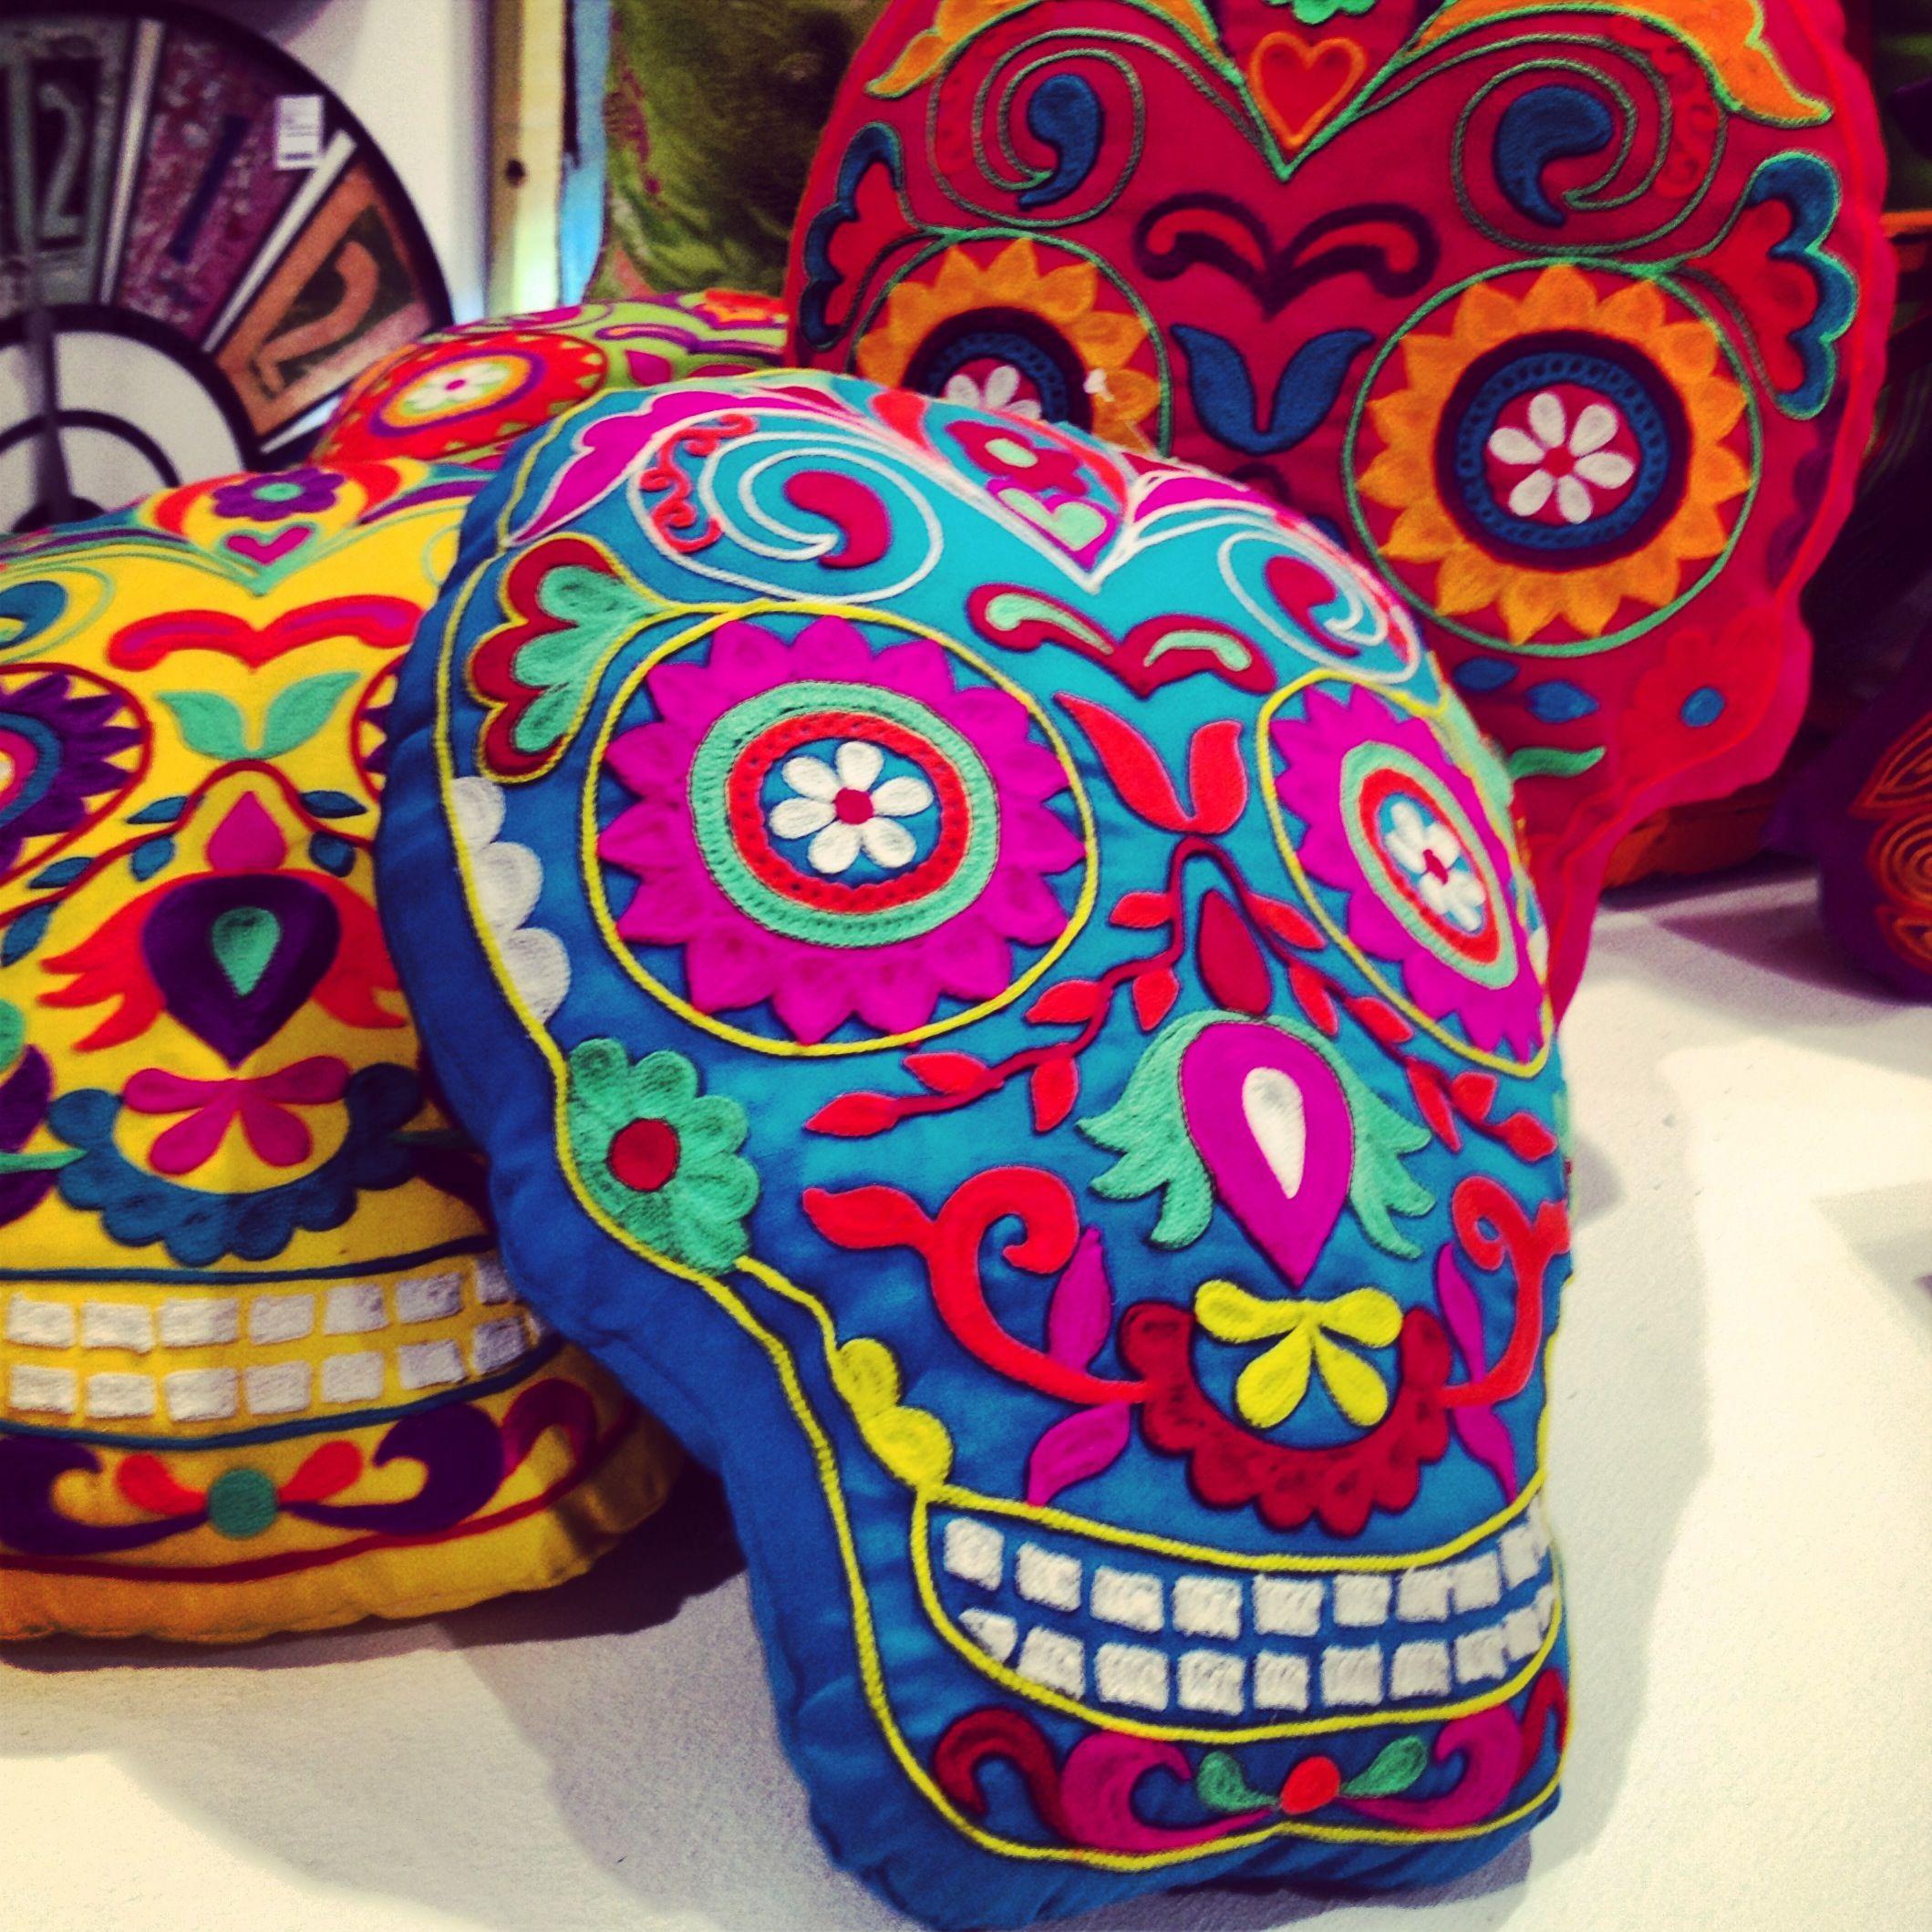 dia de los muertos/day of the dead~sugar skull pillow | love it